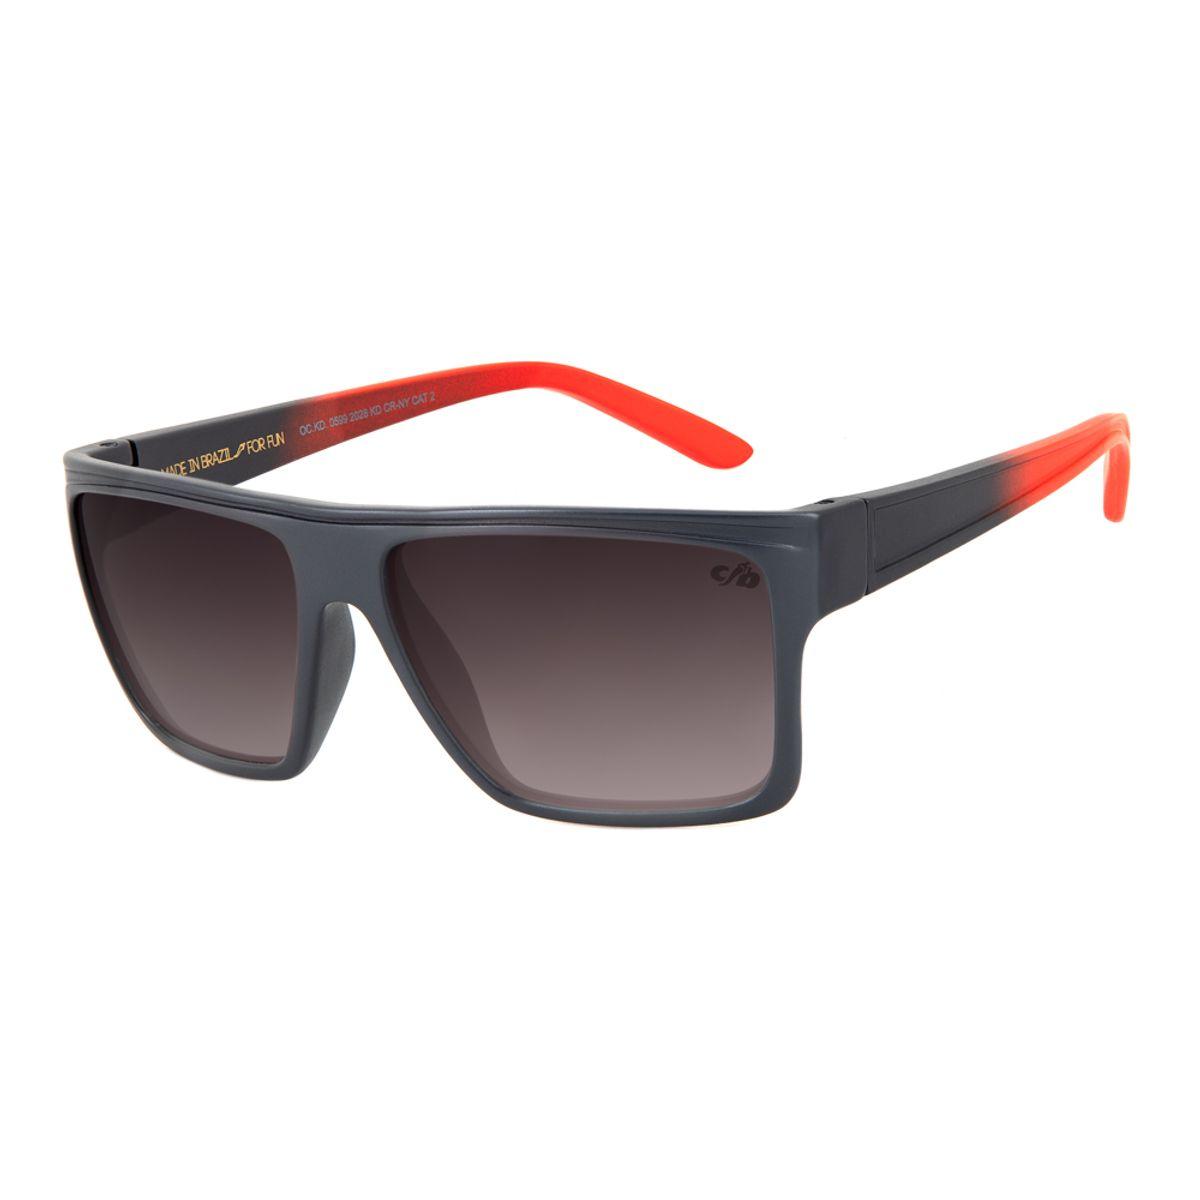 0d0843d57 Óculos de Sol Chilli Beans Infantil Quadrado Cinza Escuro 0599 ...